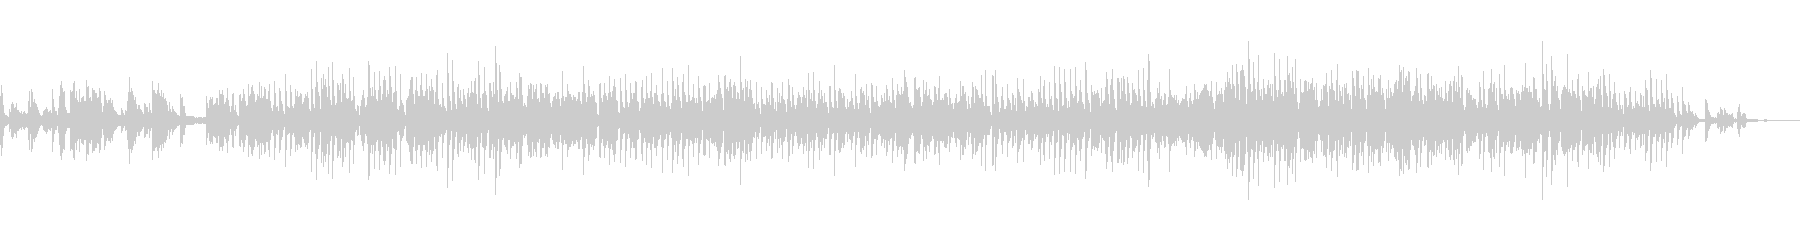 2台のピアノによる癒しの音楽「SoLa」の未再生の波形